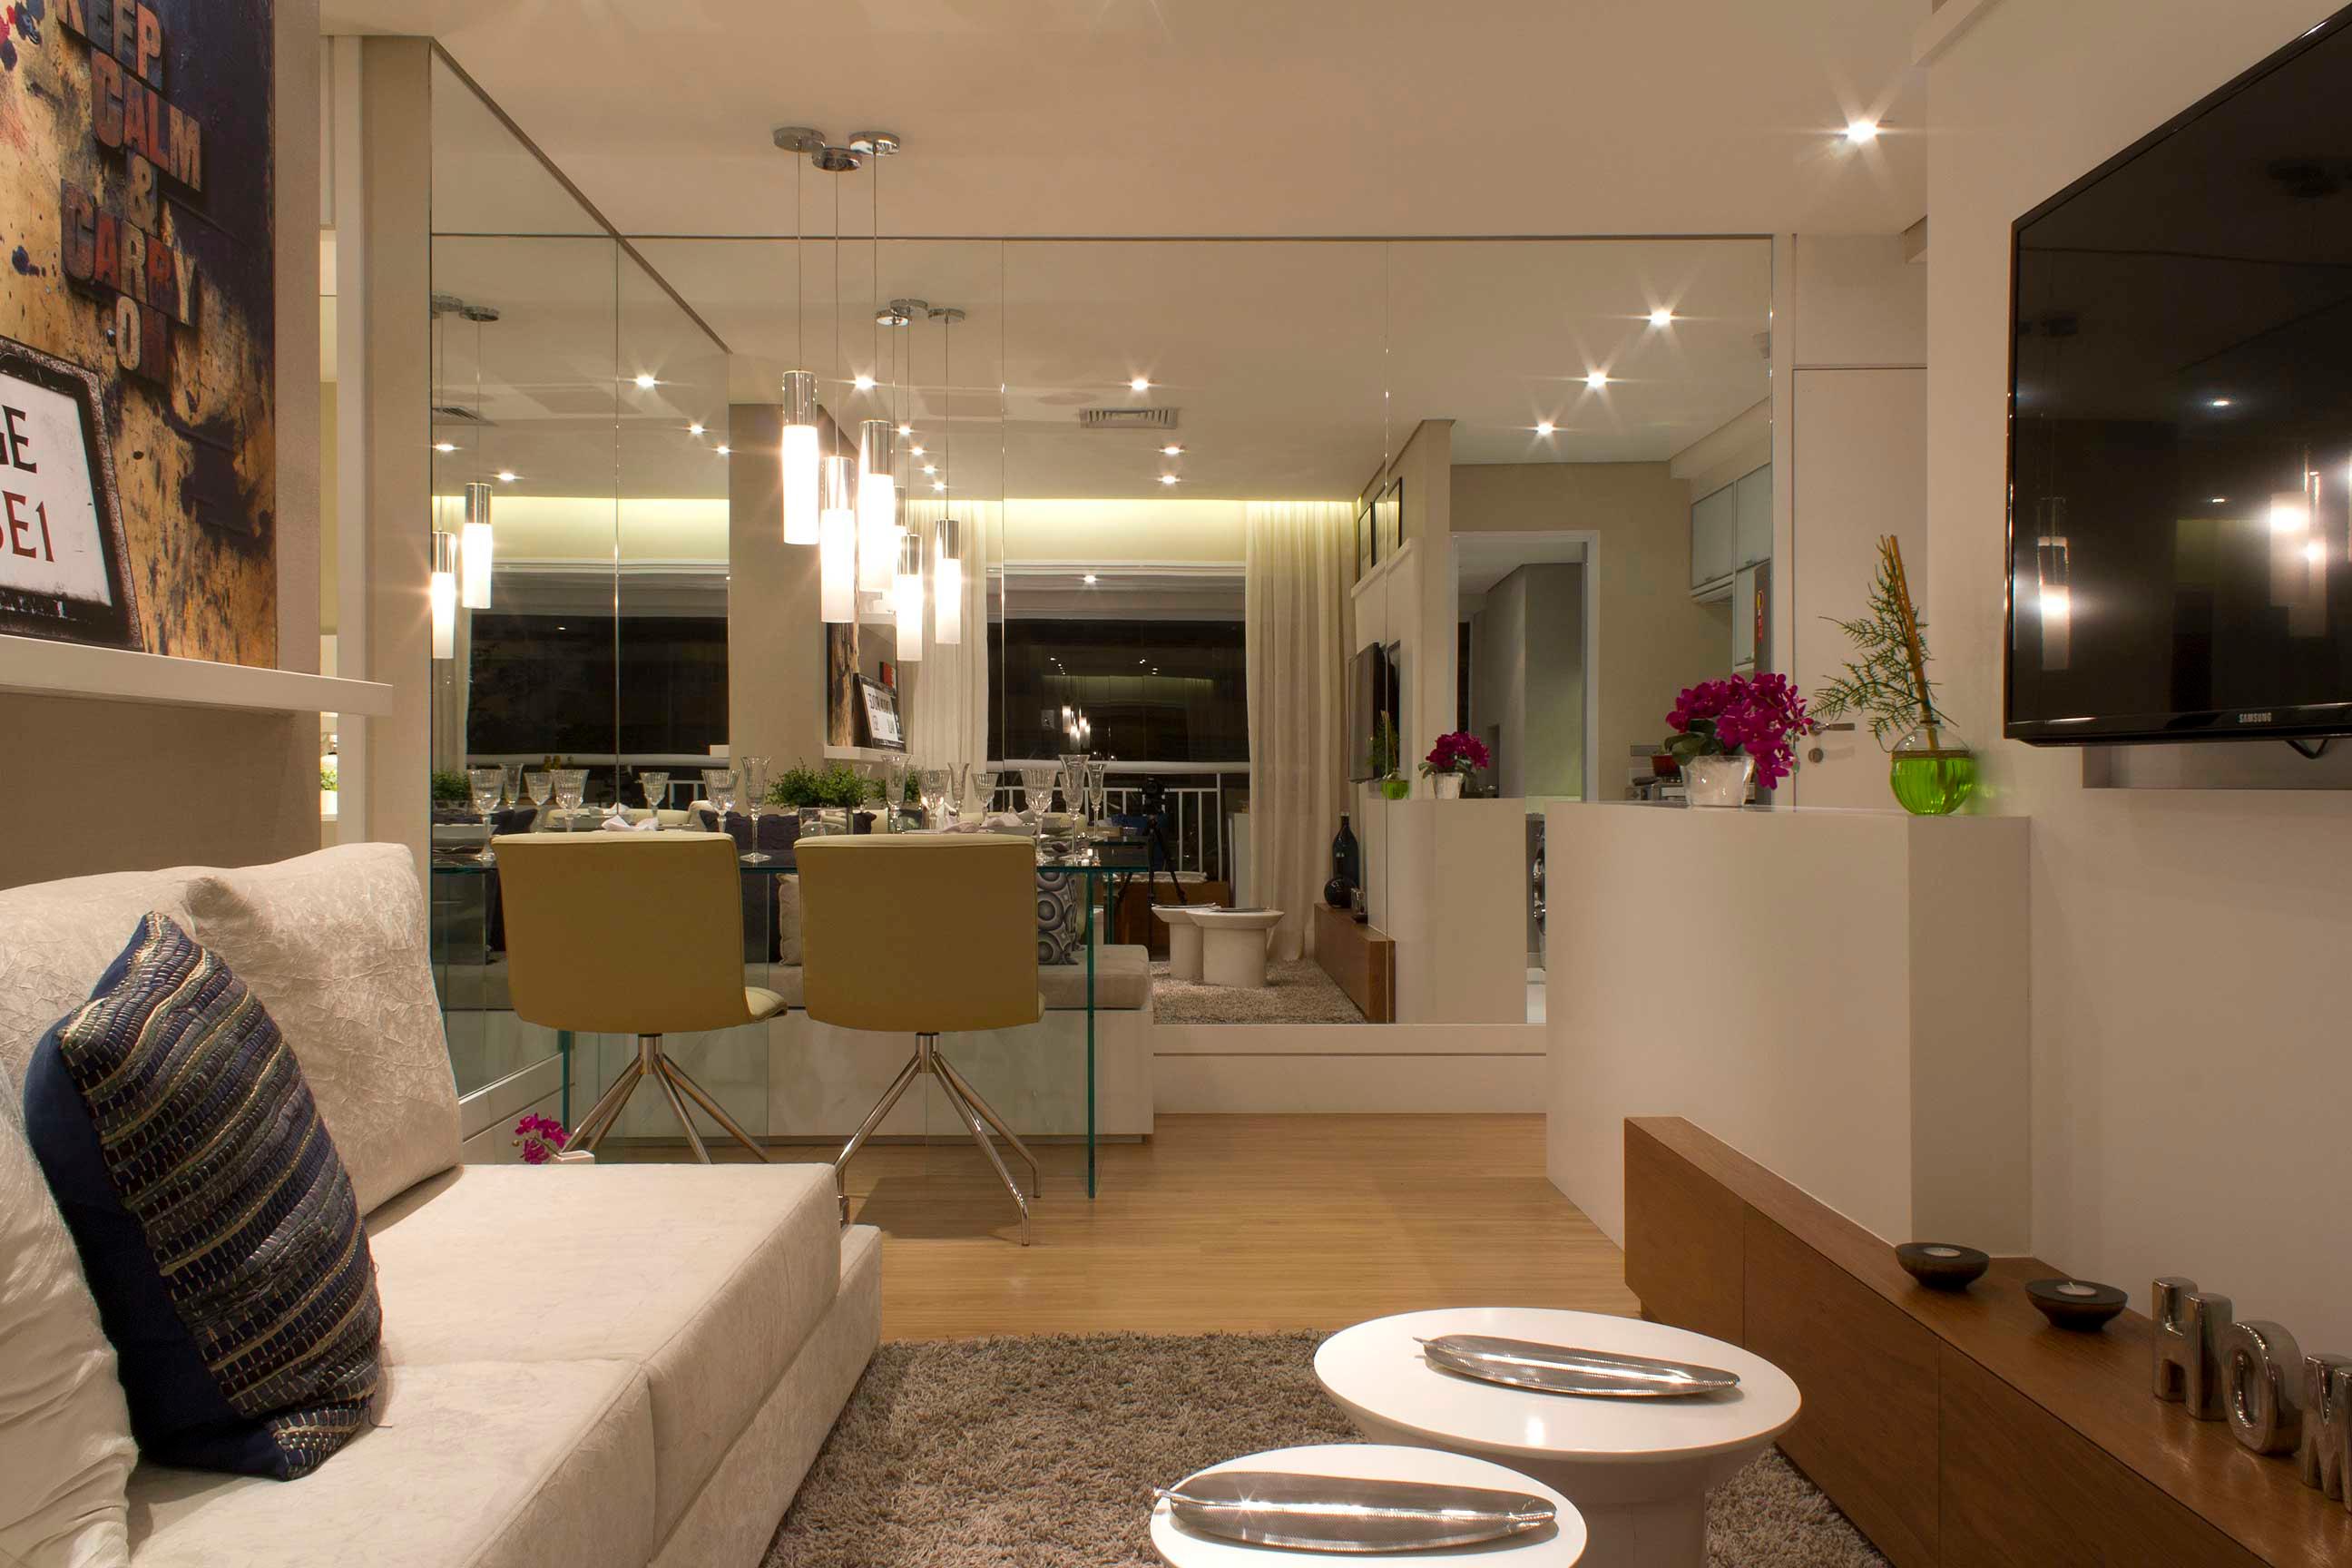 Mais Espa O Conhe A Pequenos Truques Para Deixar Seu Apartamento  -> Lustres Para Sala De Apartamento Pequeno